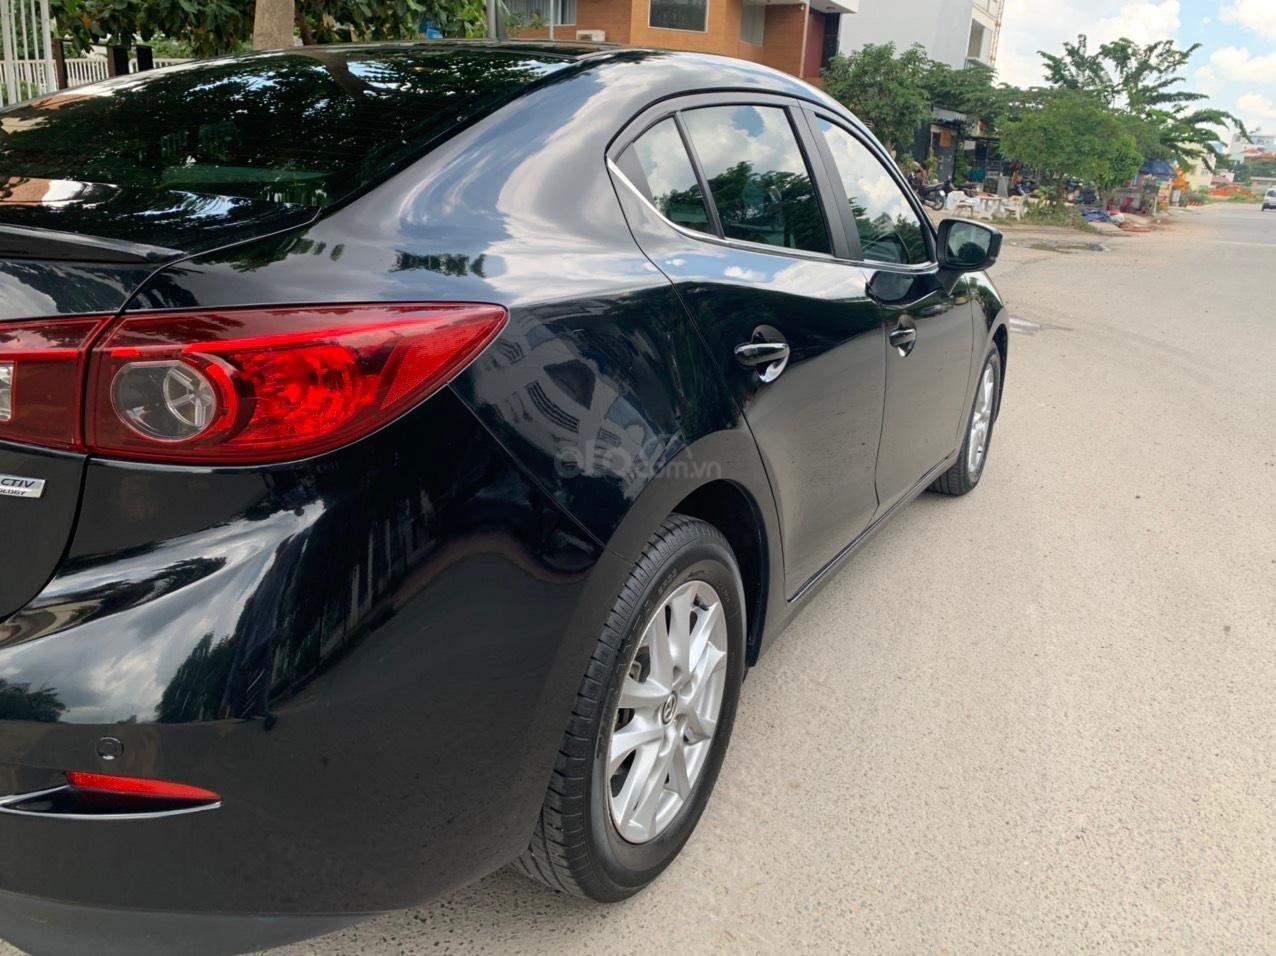 Chính chủ đổi xe cần bán Mazda 3 đời 2018, 1 đời chủ mua mới, bảo dưỡng định kỳ tại hãng, giá tốt (2)